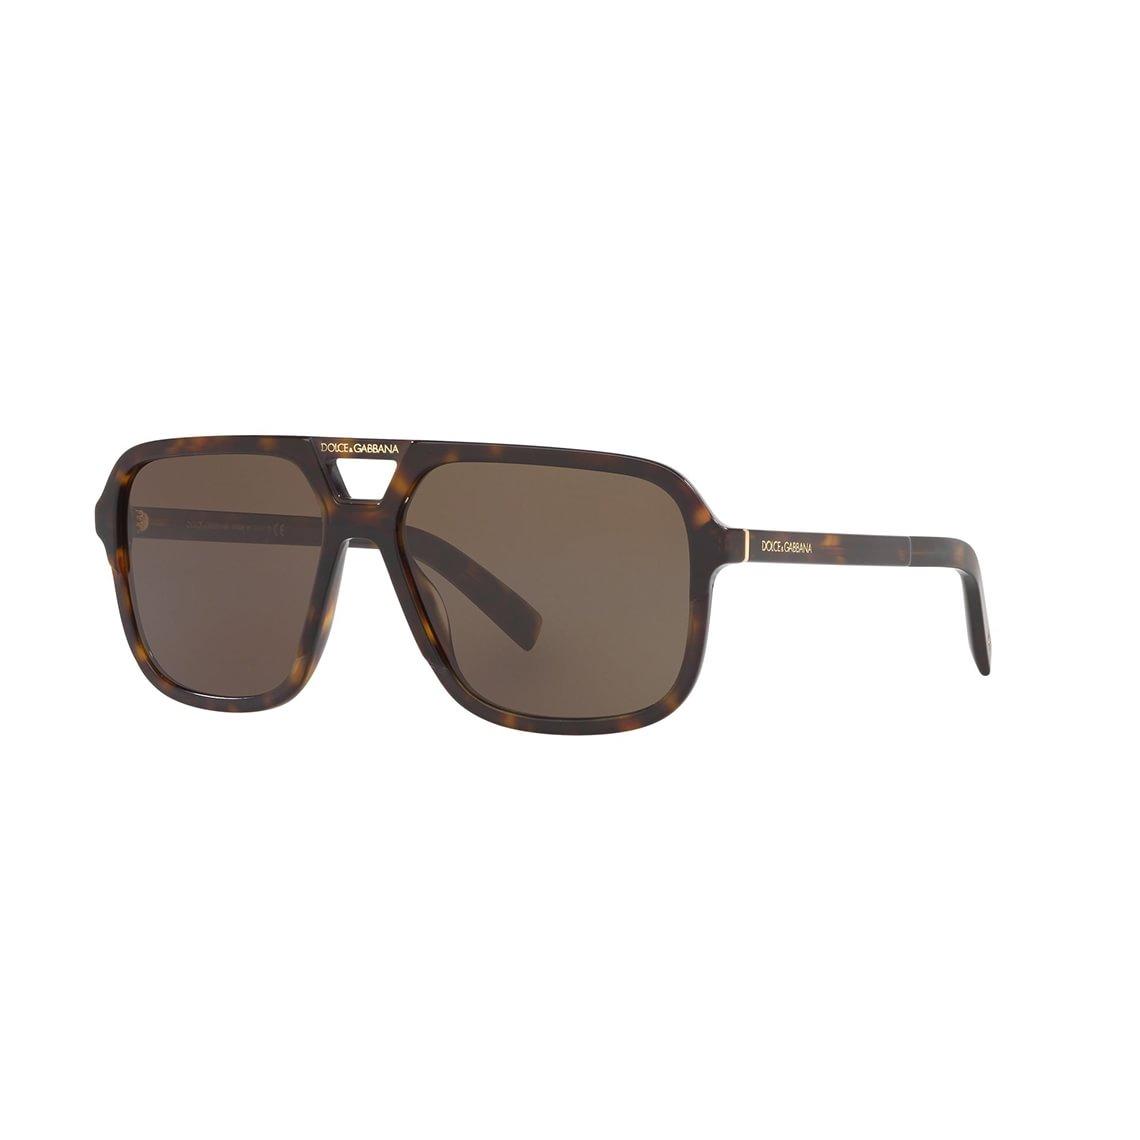 Dolce & Gabbana 0DG4354 58 502/73